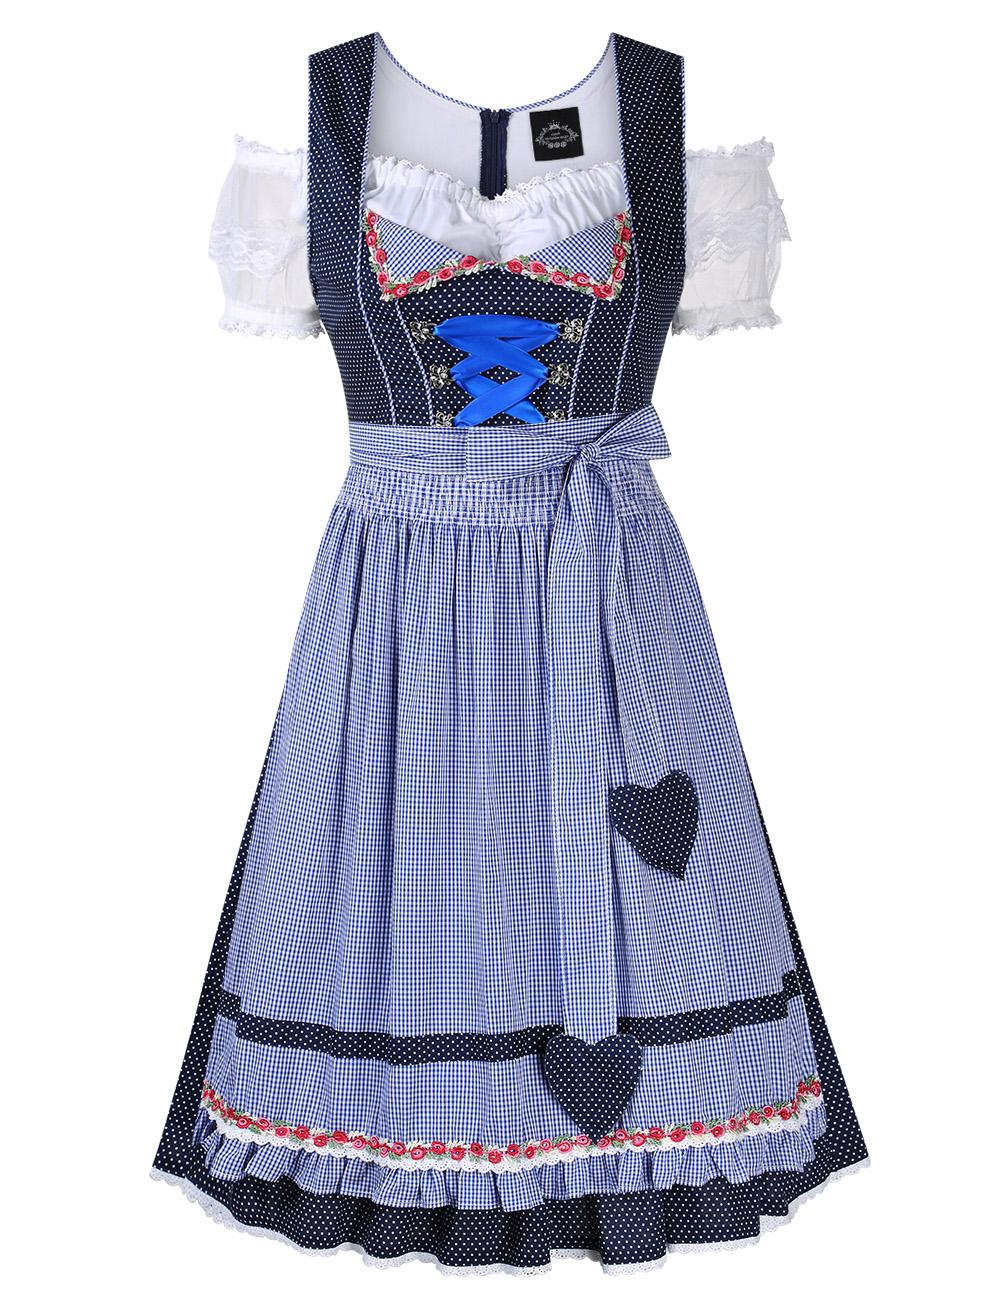 [EU Direct] Women's Oktoberfest Lace Short Sleeve Dress Suit Dot Plaid Stitching  Cold Shoulder Party Dress